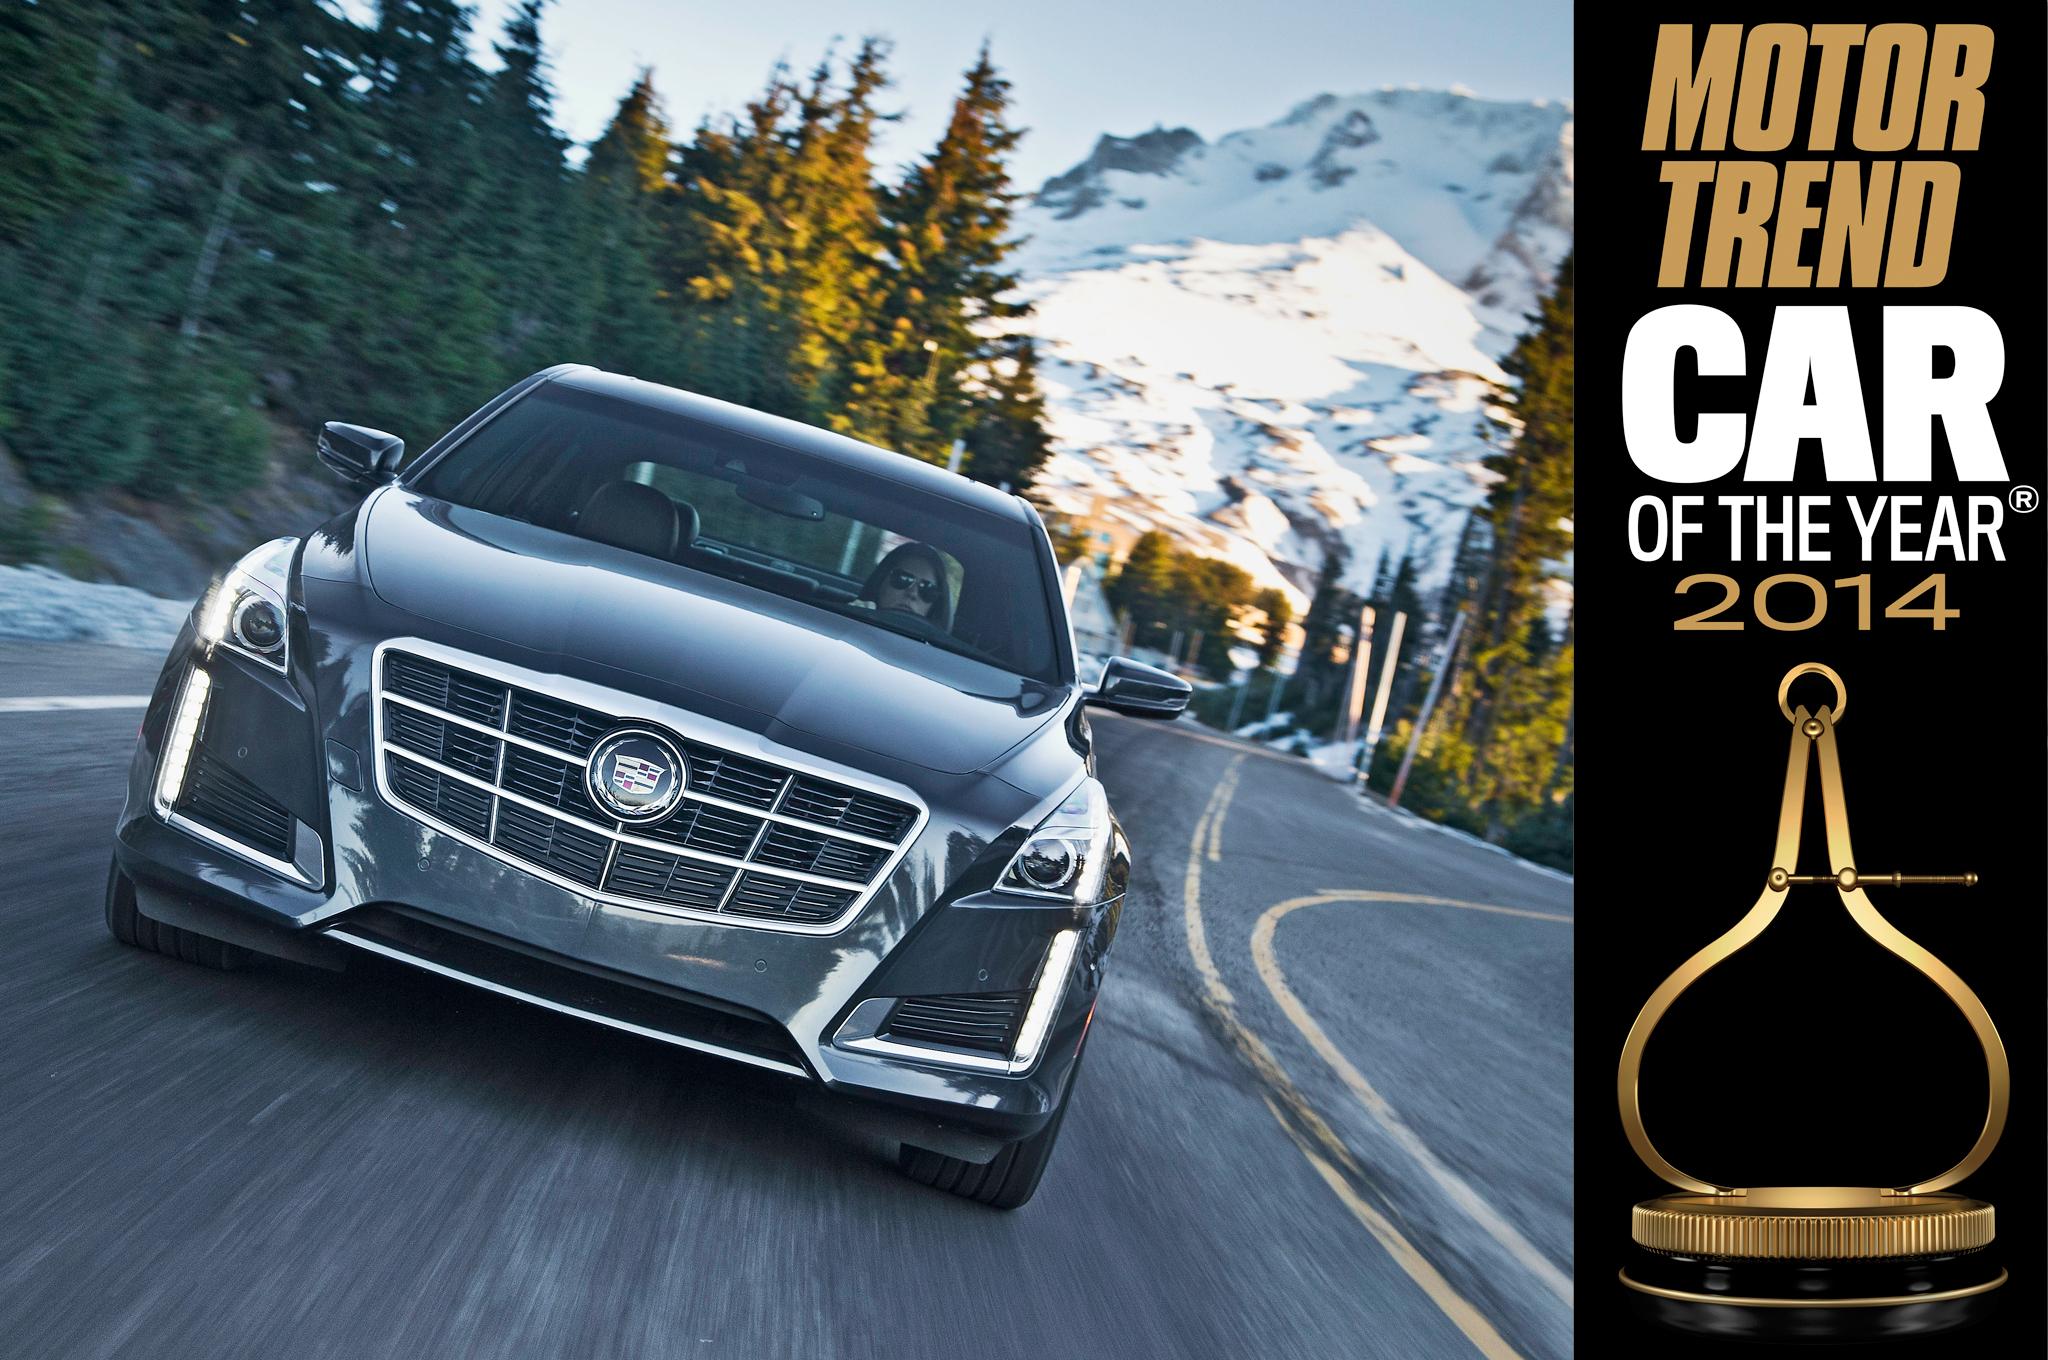 2014-Cadillac-CTS-promo